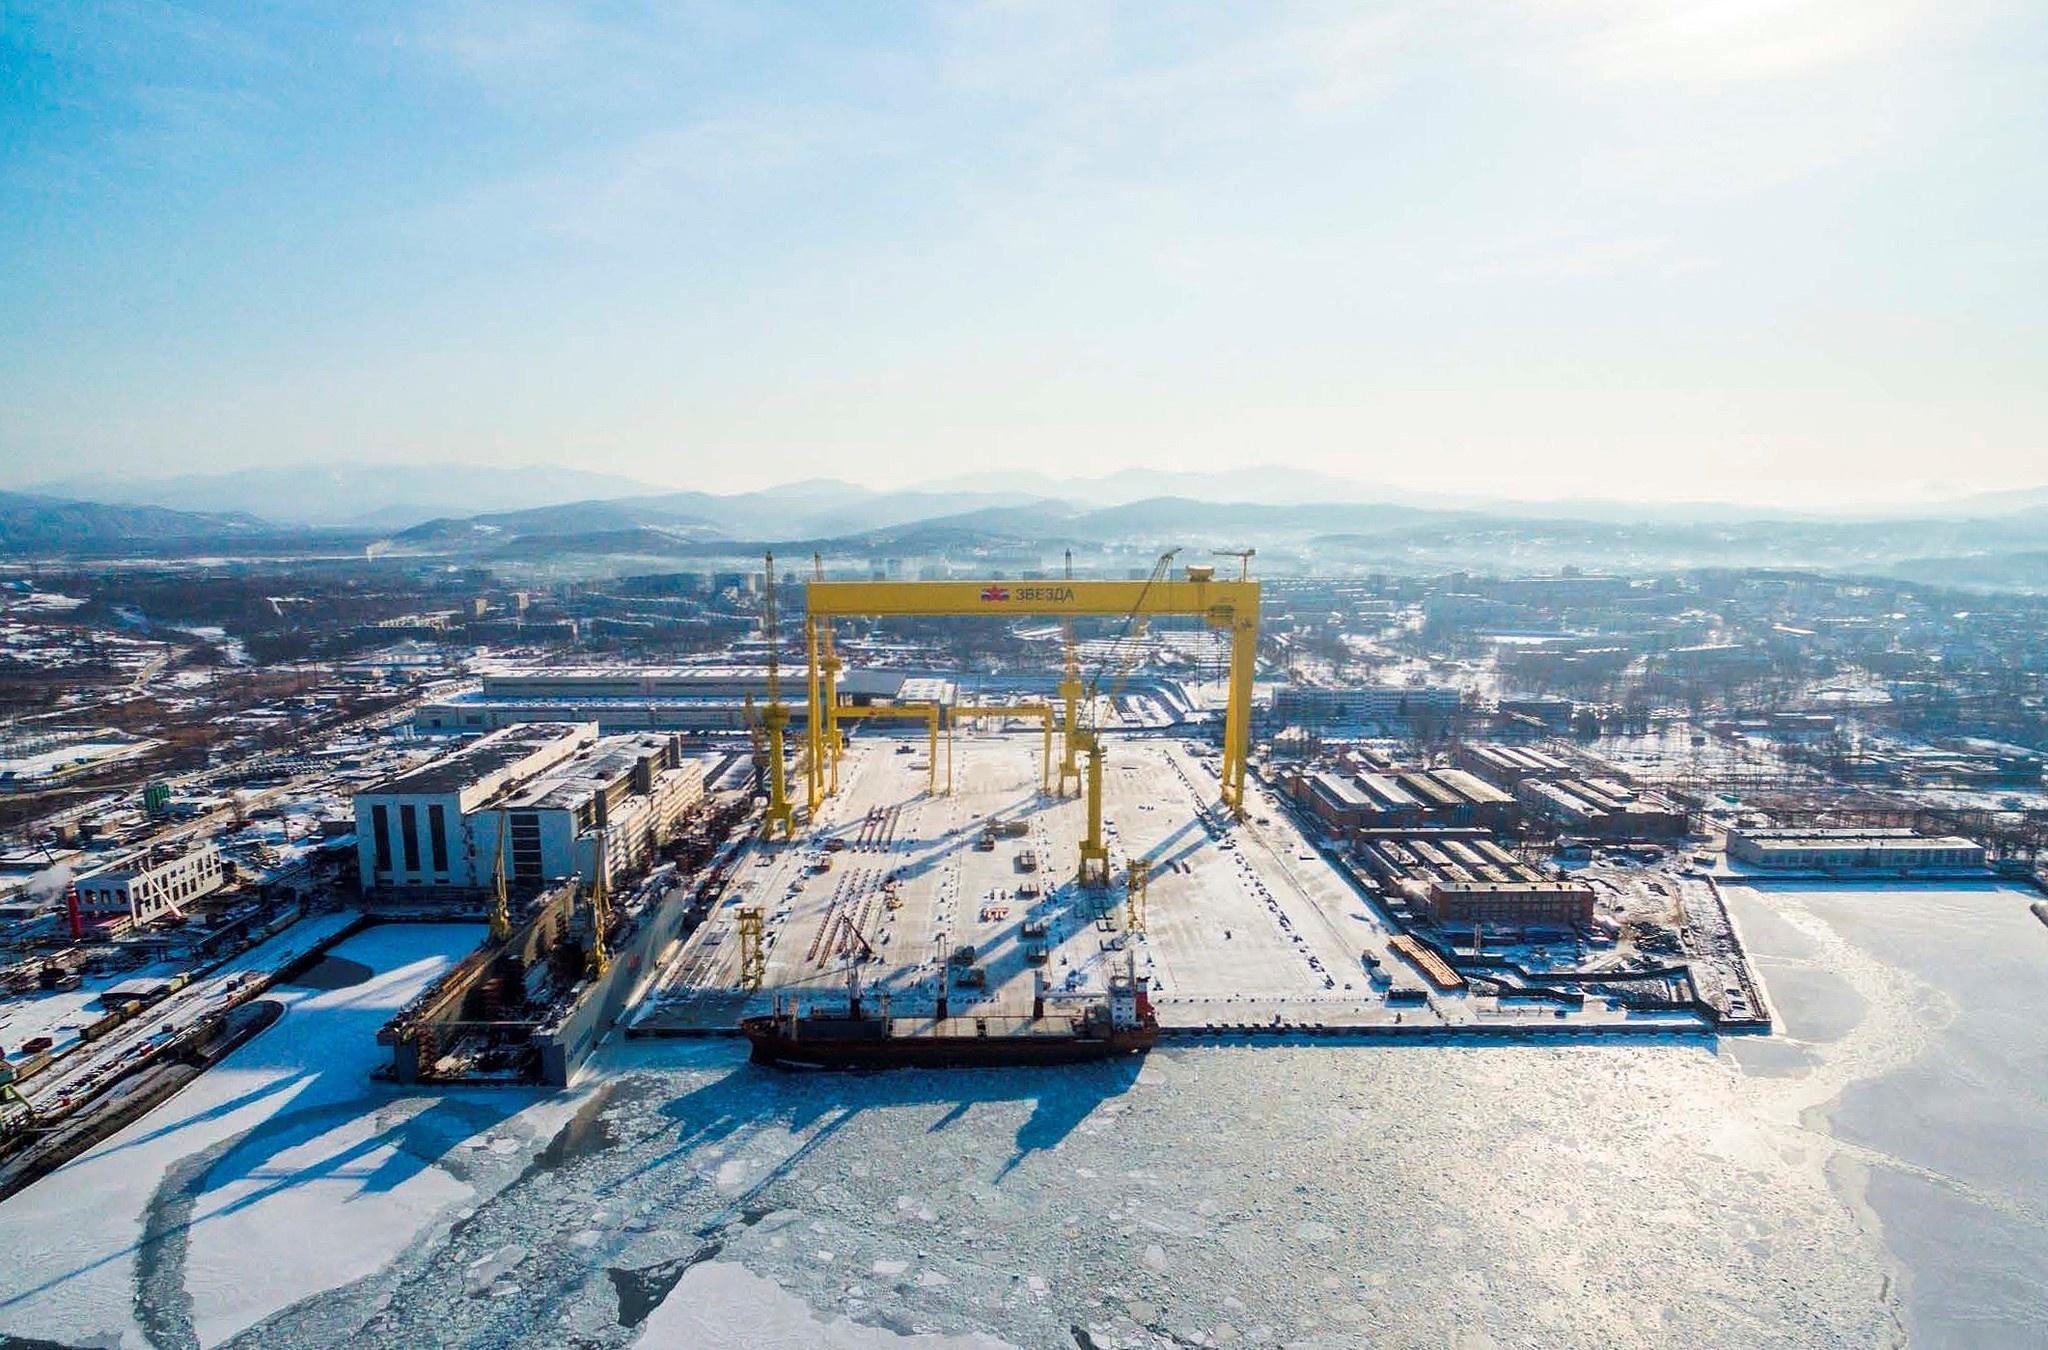 Russian Naval Shipbuilding Industry: News - Page 15 F_c2RlbGFub3VuYXMucnUvdXBsb2Fkcy85LzUvOTU0MTUxNTI2NjgxN19vcmlnLmpwZWc_X19pZD0xMDI1Mjc=